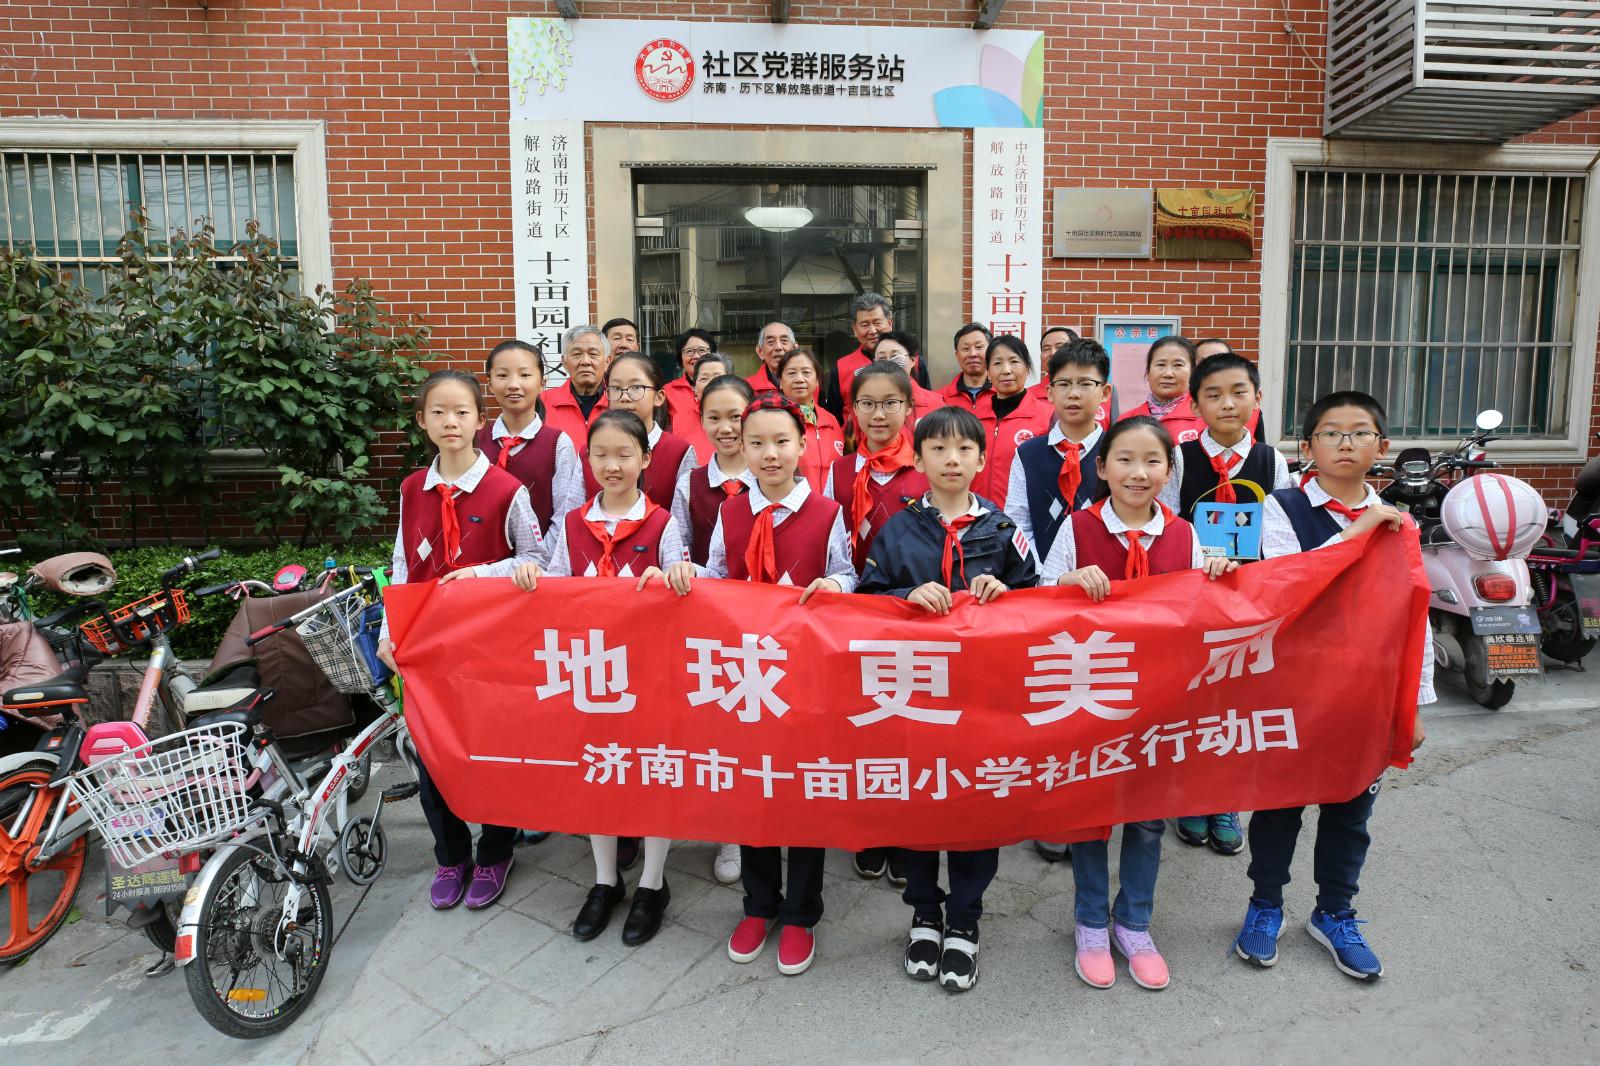 垃圾少一点,地球更美丽——济南市十亩园小学垃圾减量社区行动日活动